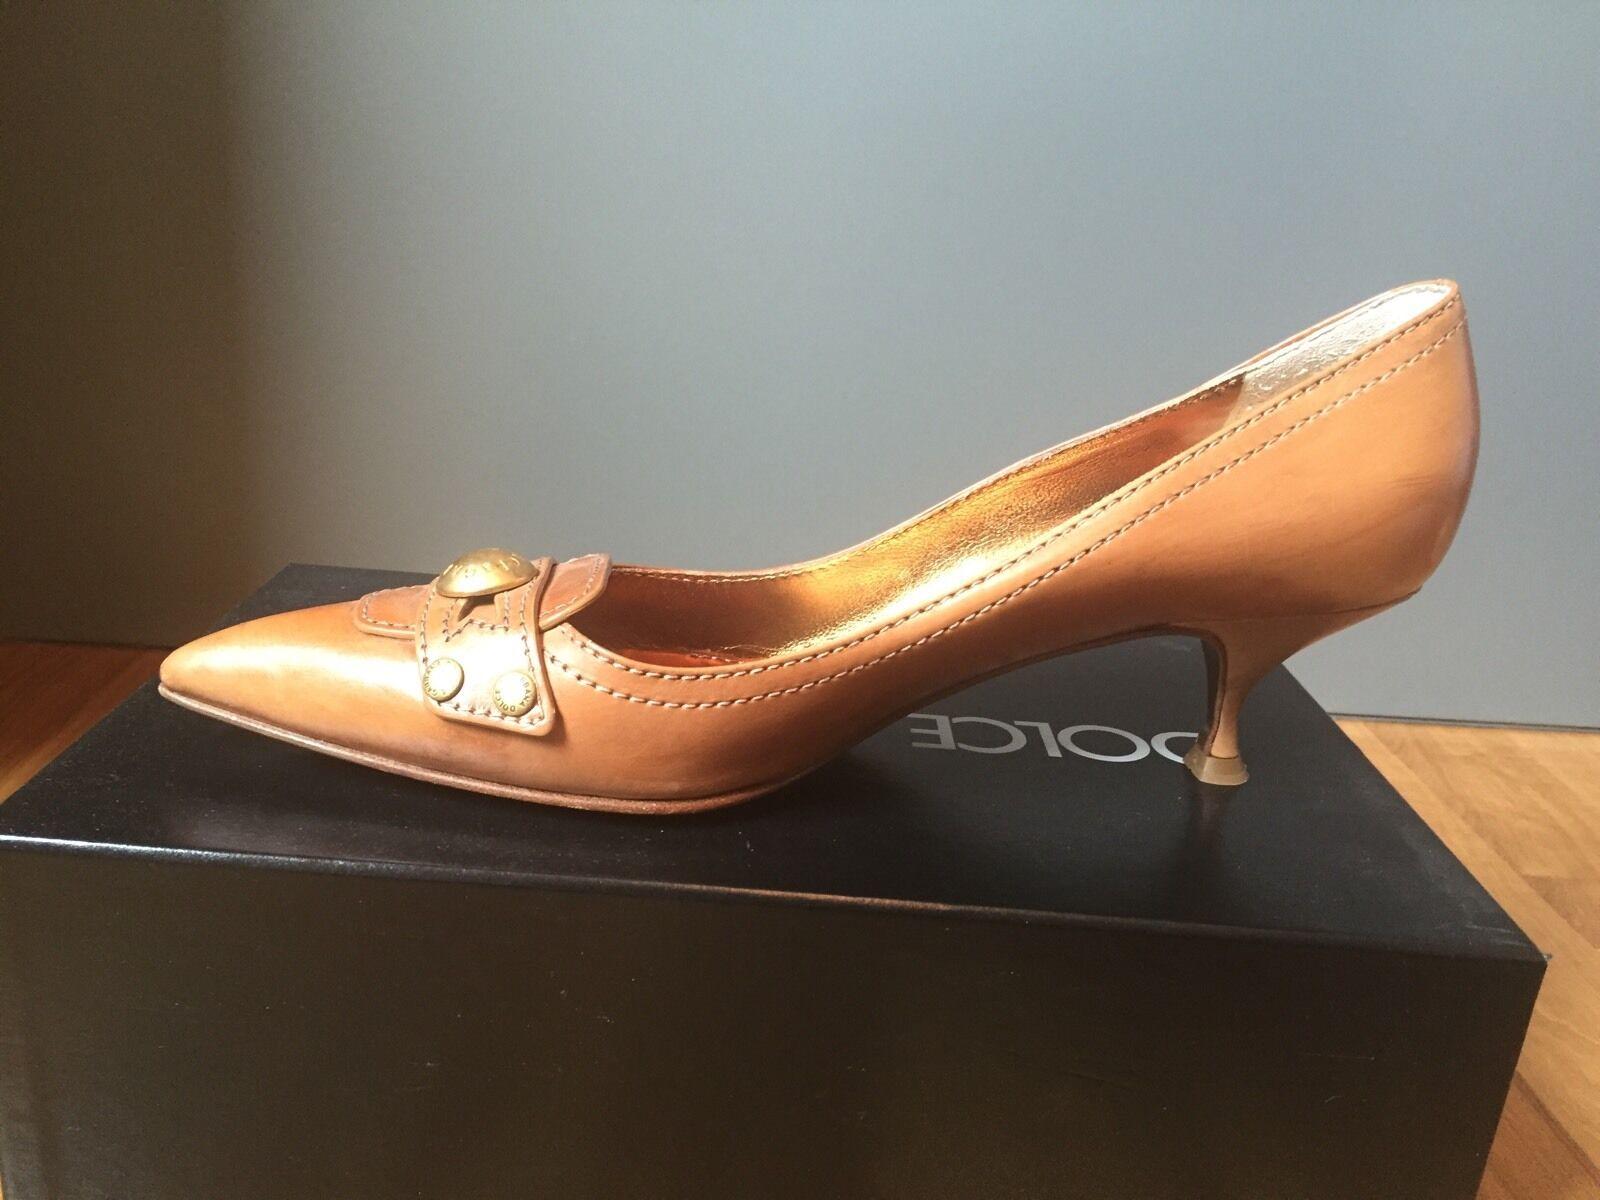 D&G Dolce&Gabbana 41 Pumps, Cognac, Gr. 41 Dolce&Gabbana 07ff2c